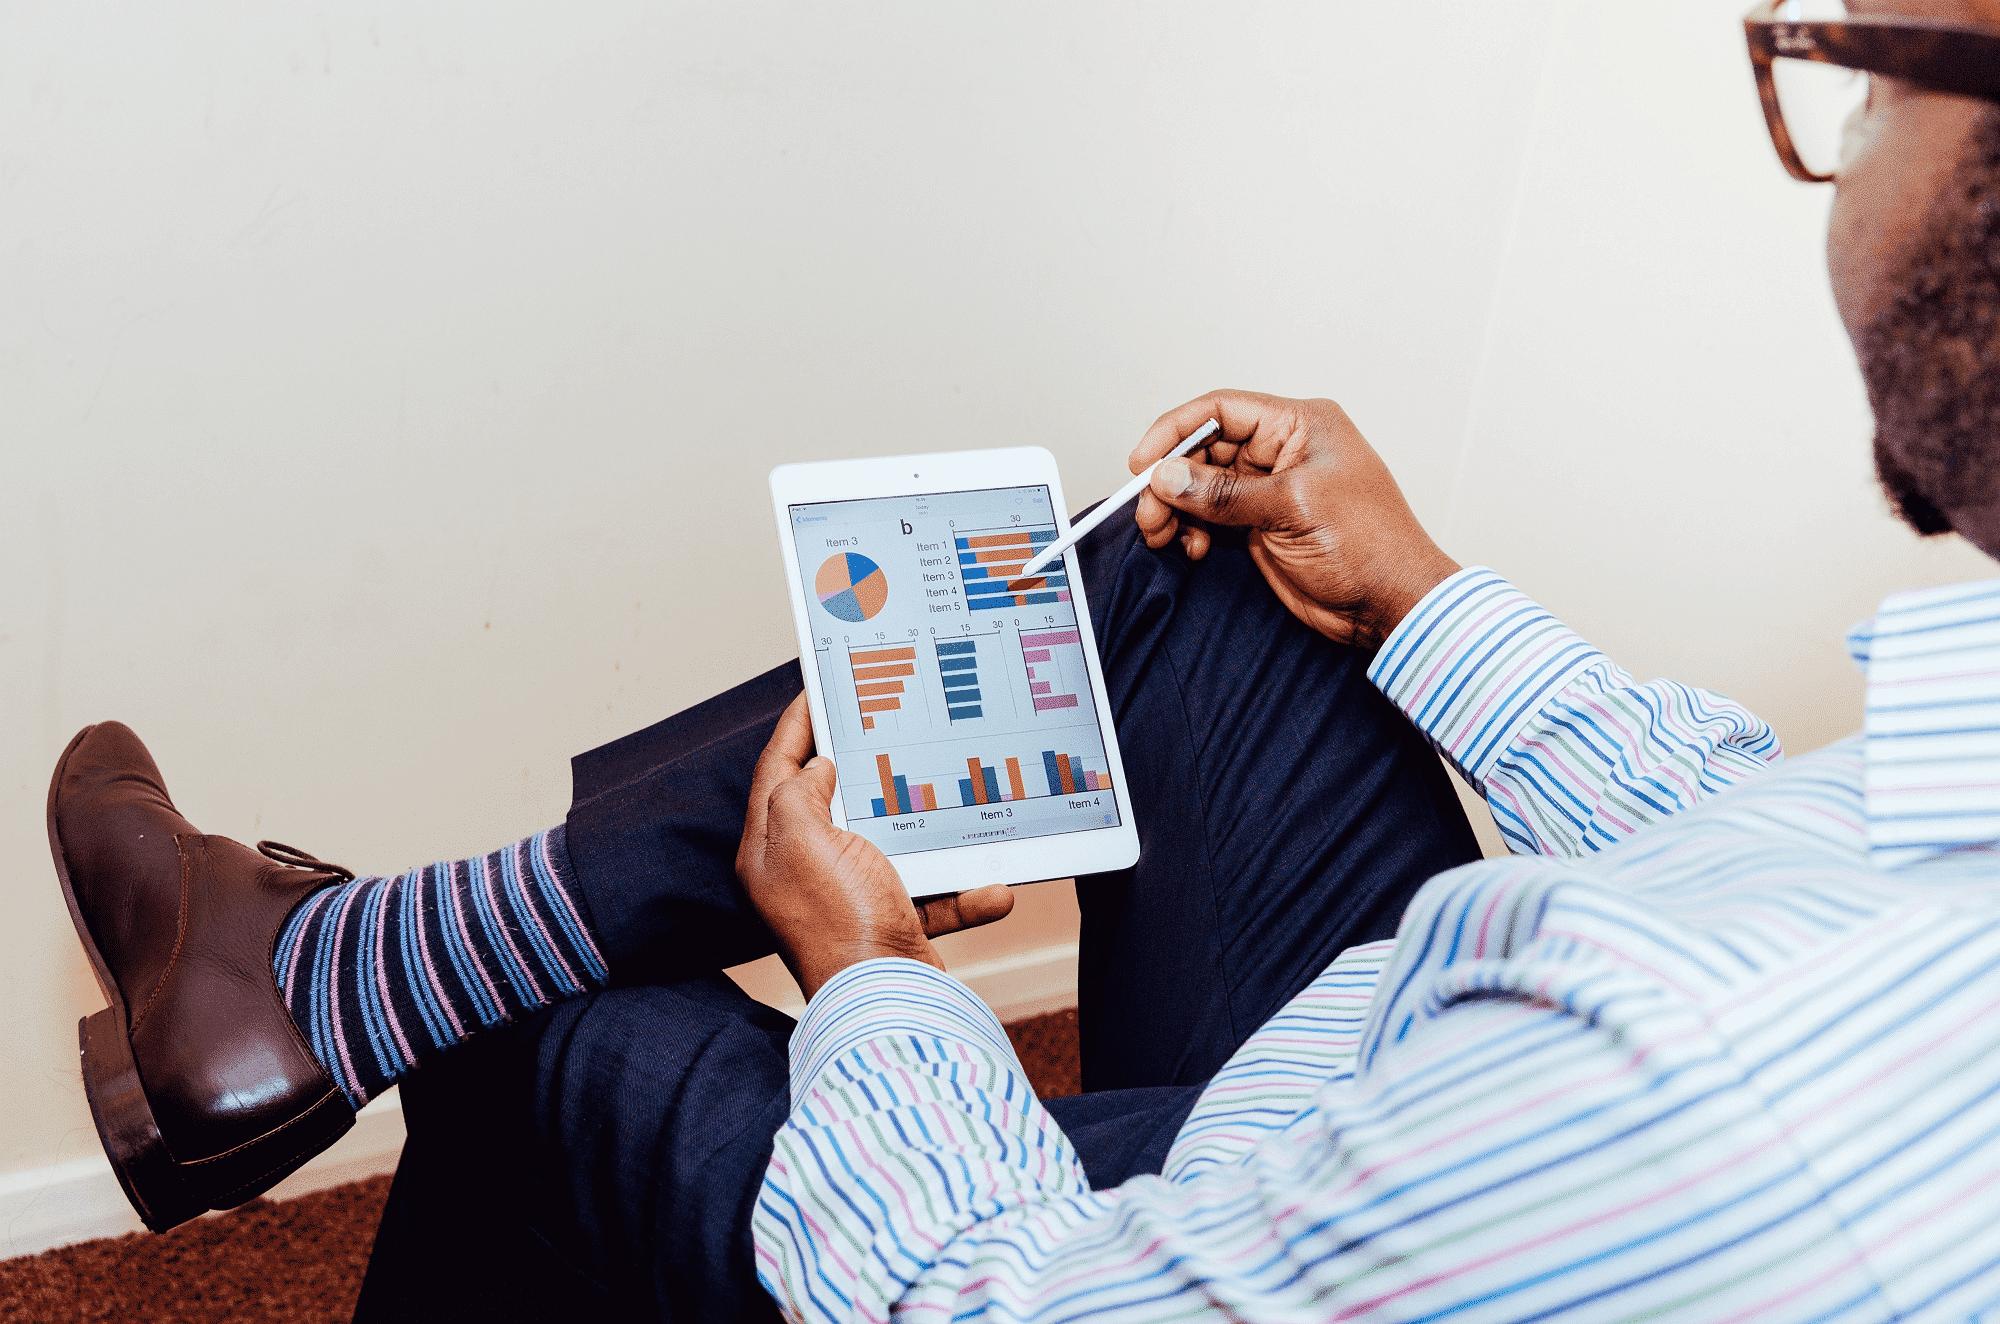 De SMART KPI-bepaler 2020 | KPI's bepalen | Kennisbank